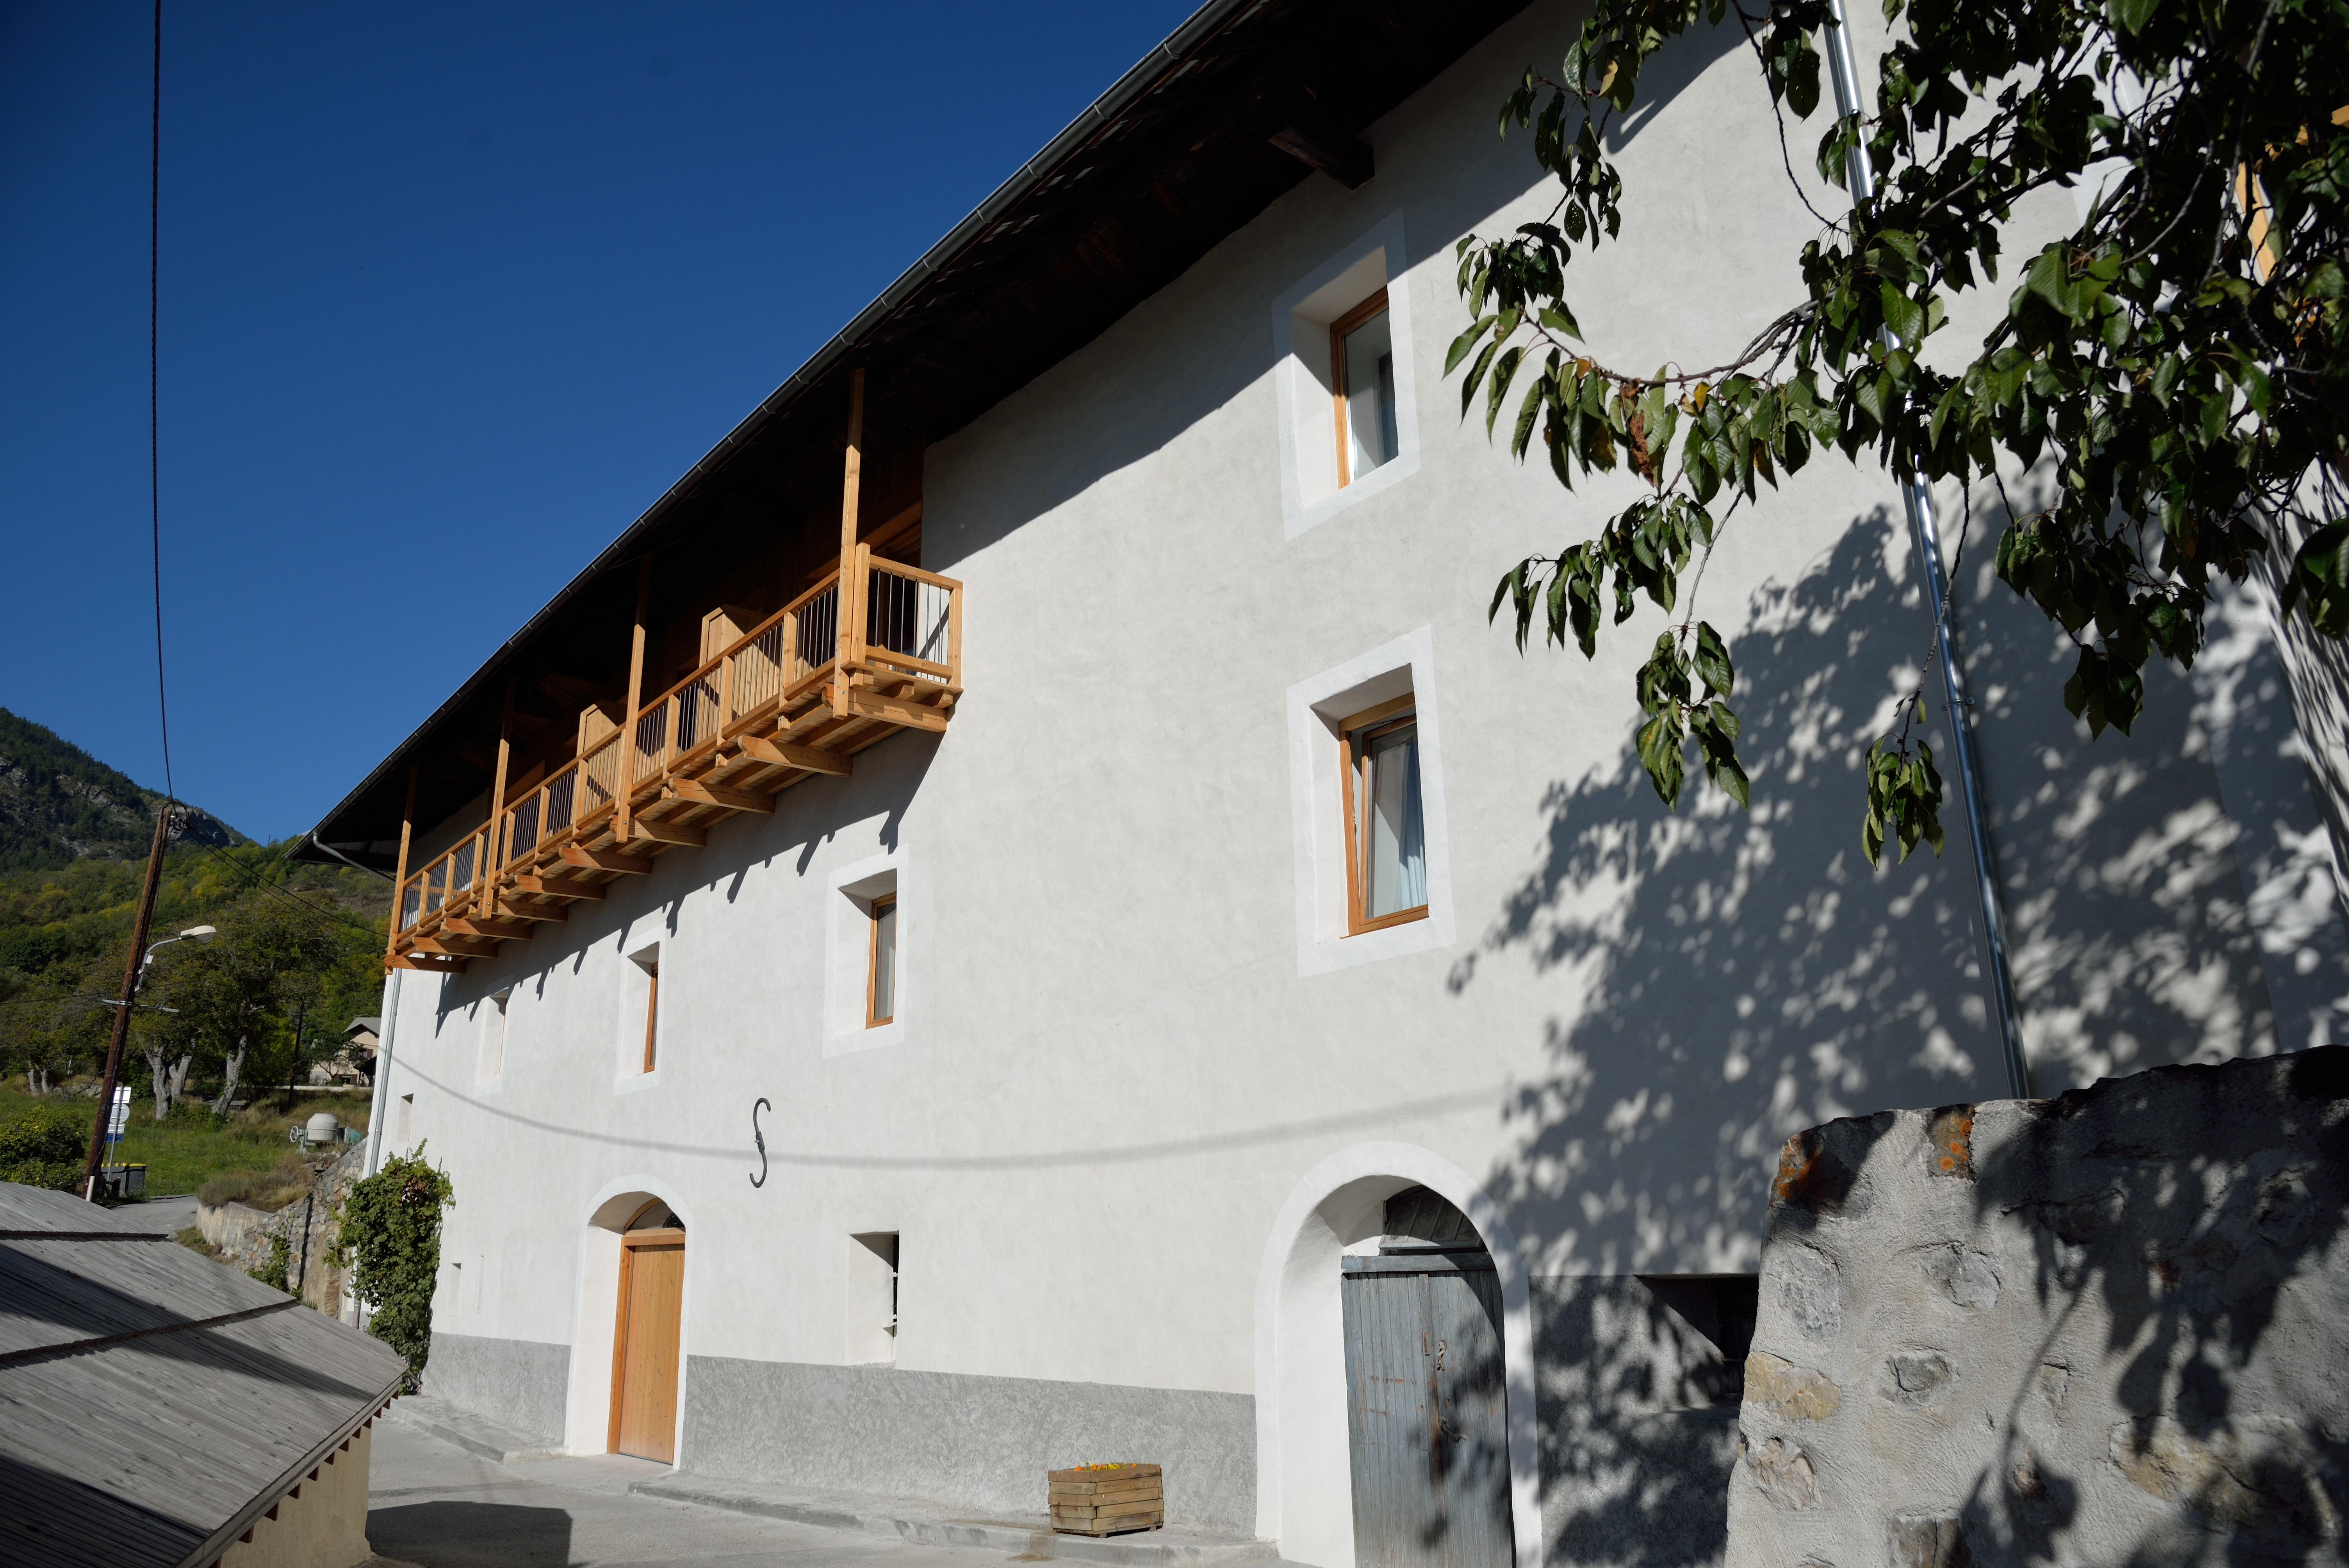 La maison abeil l 39 argenti re la bess e pays des crins office de tourisme - Office tourisme argentiere ...